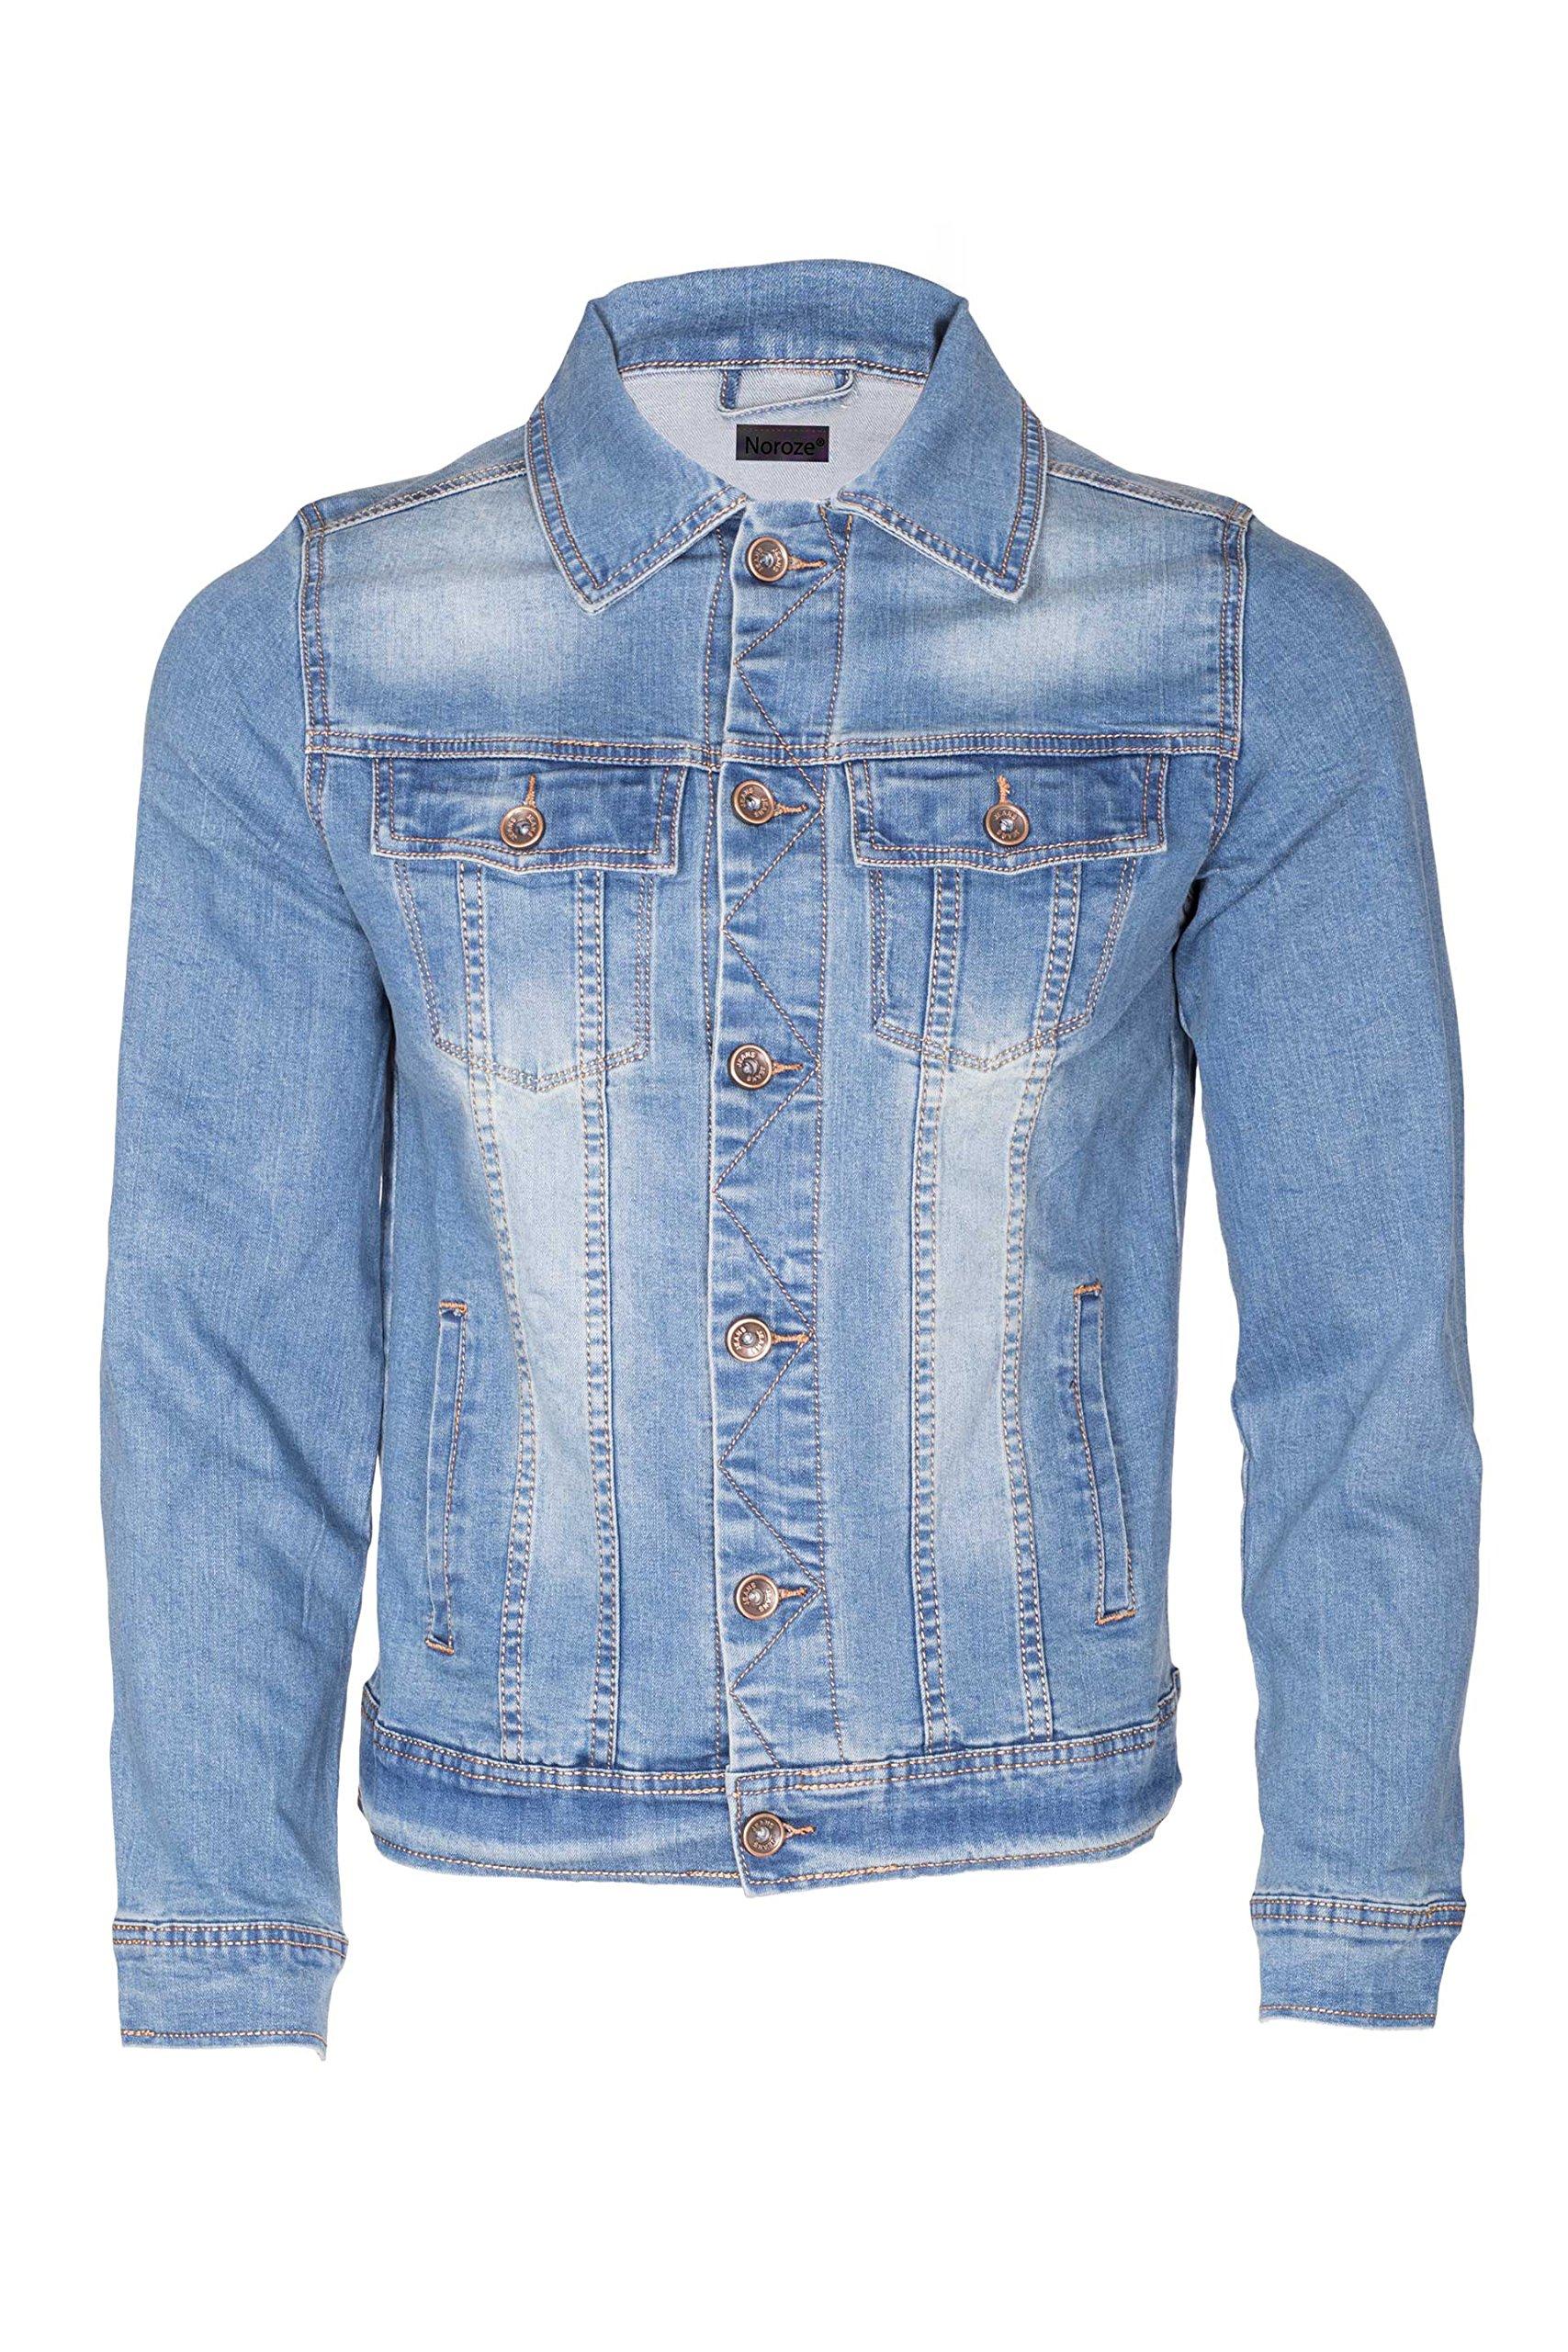 Noroze Mens Washed Denim Trucker Jacket (Blue, L)